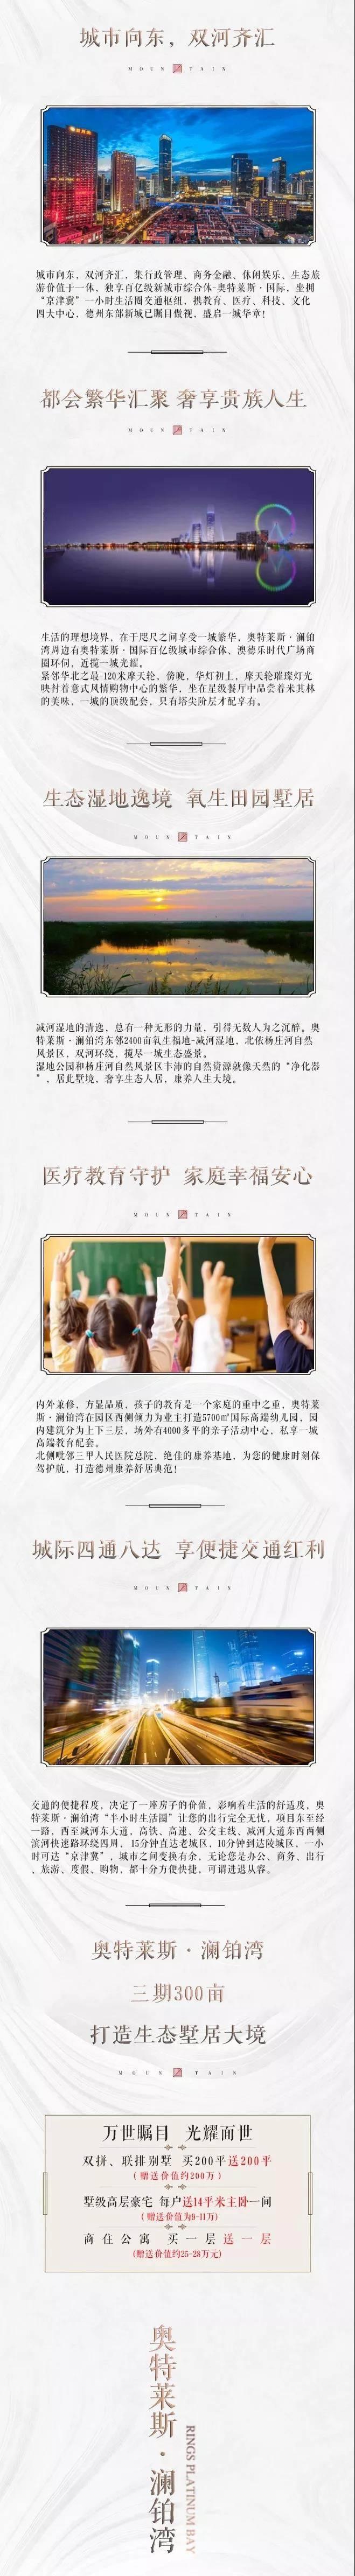 七夕情人节,爱在澜铂湾――七夕节甜蜜献礼!